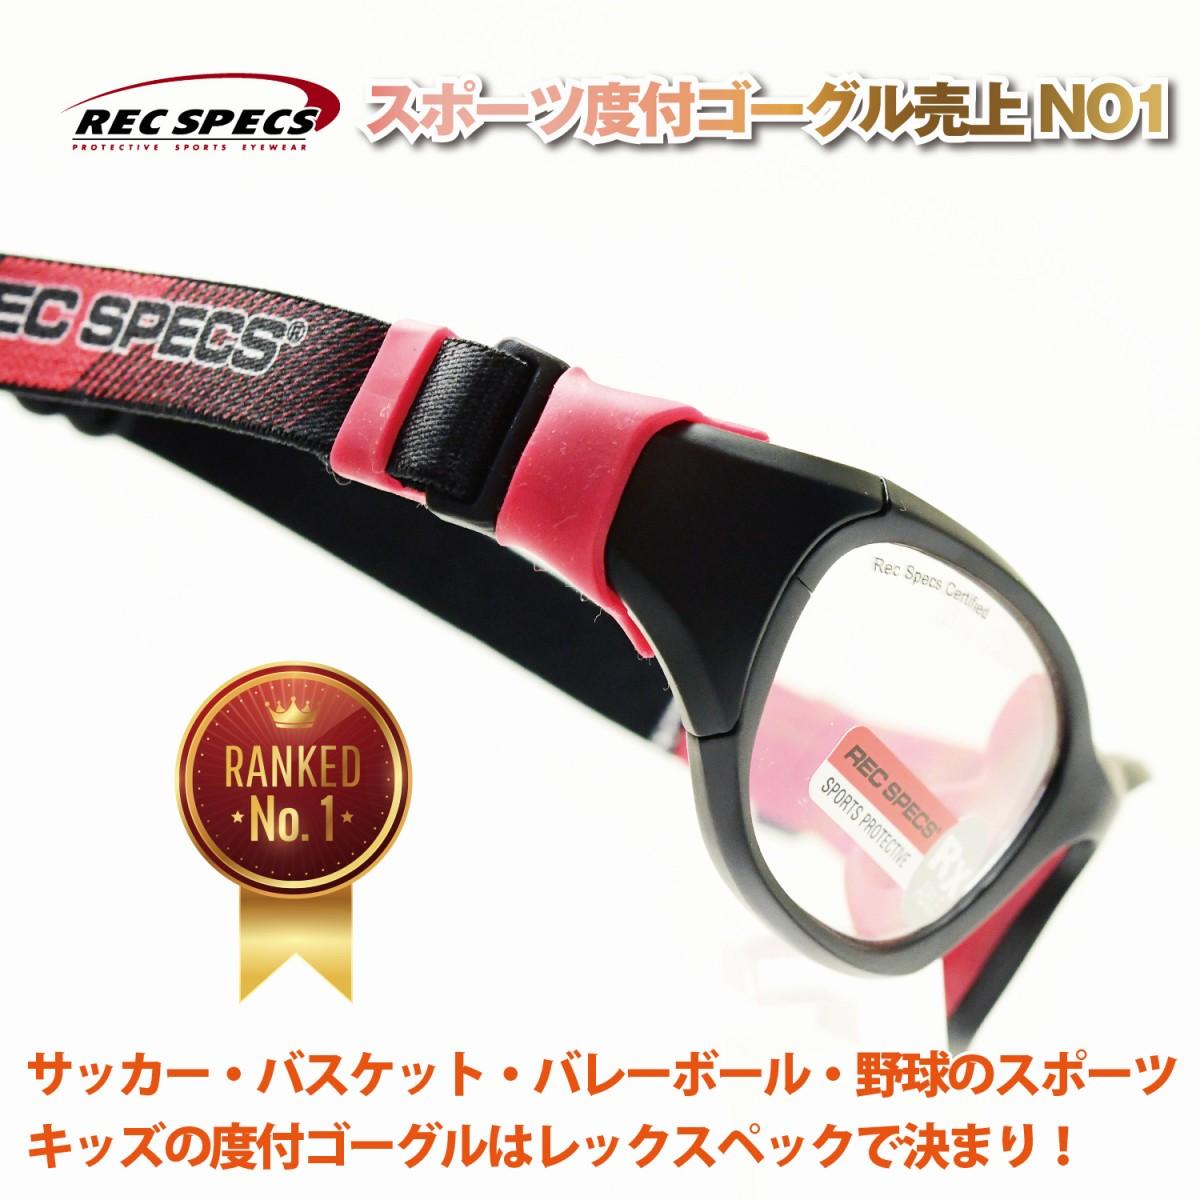 画像1: REC SPECS レックスペックス RS51 アジアンフィット 53サイズ・55サイズ (1)